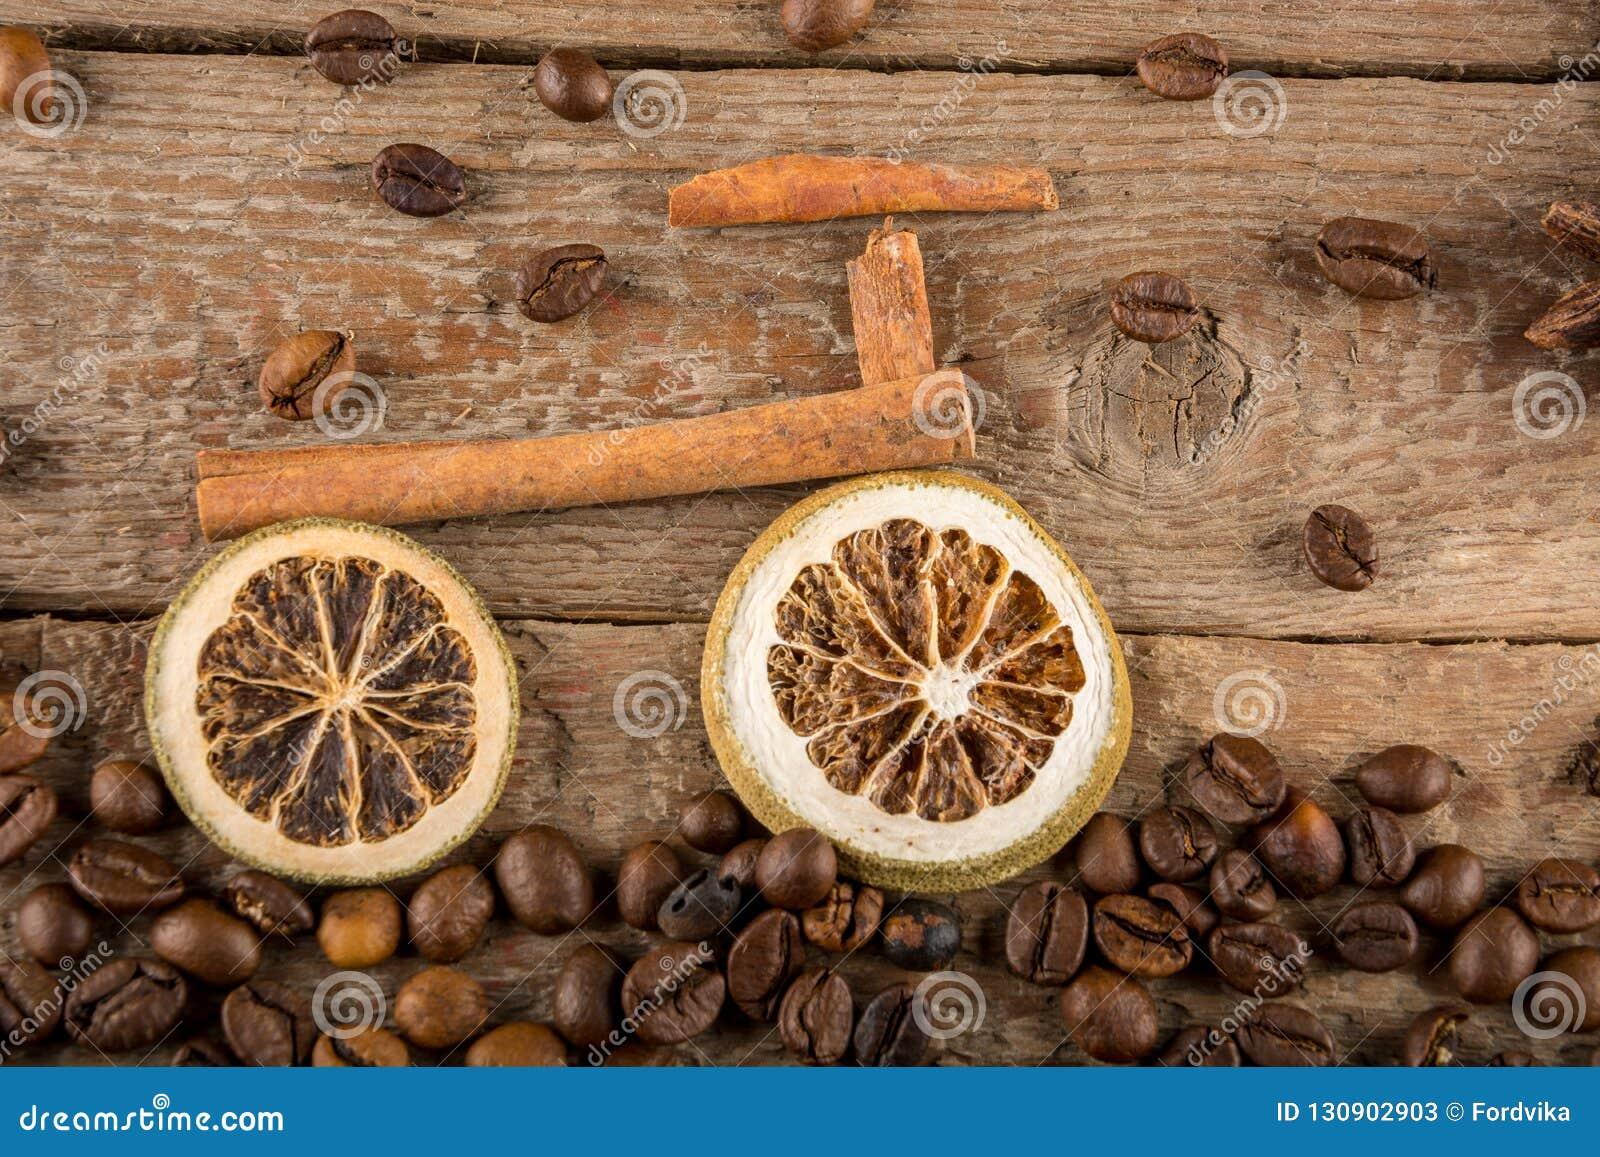 En cykel som göras från stycken av torkade citroner och kanelbruna pinnar, en bana som göras från kaffebönor mot grova träbräden